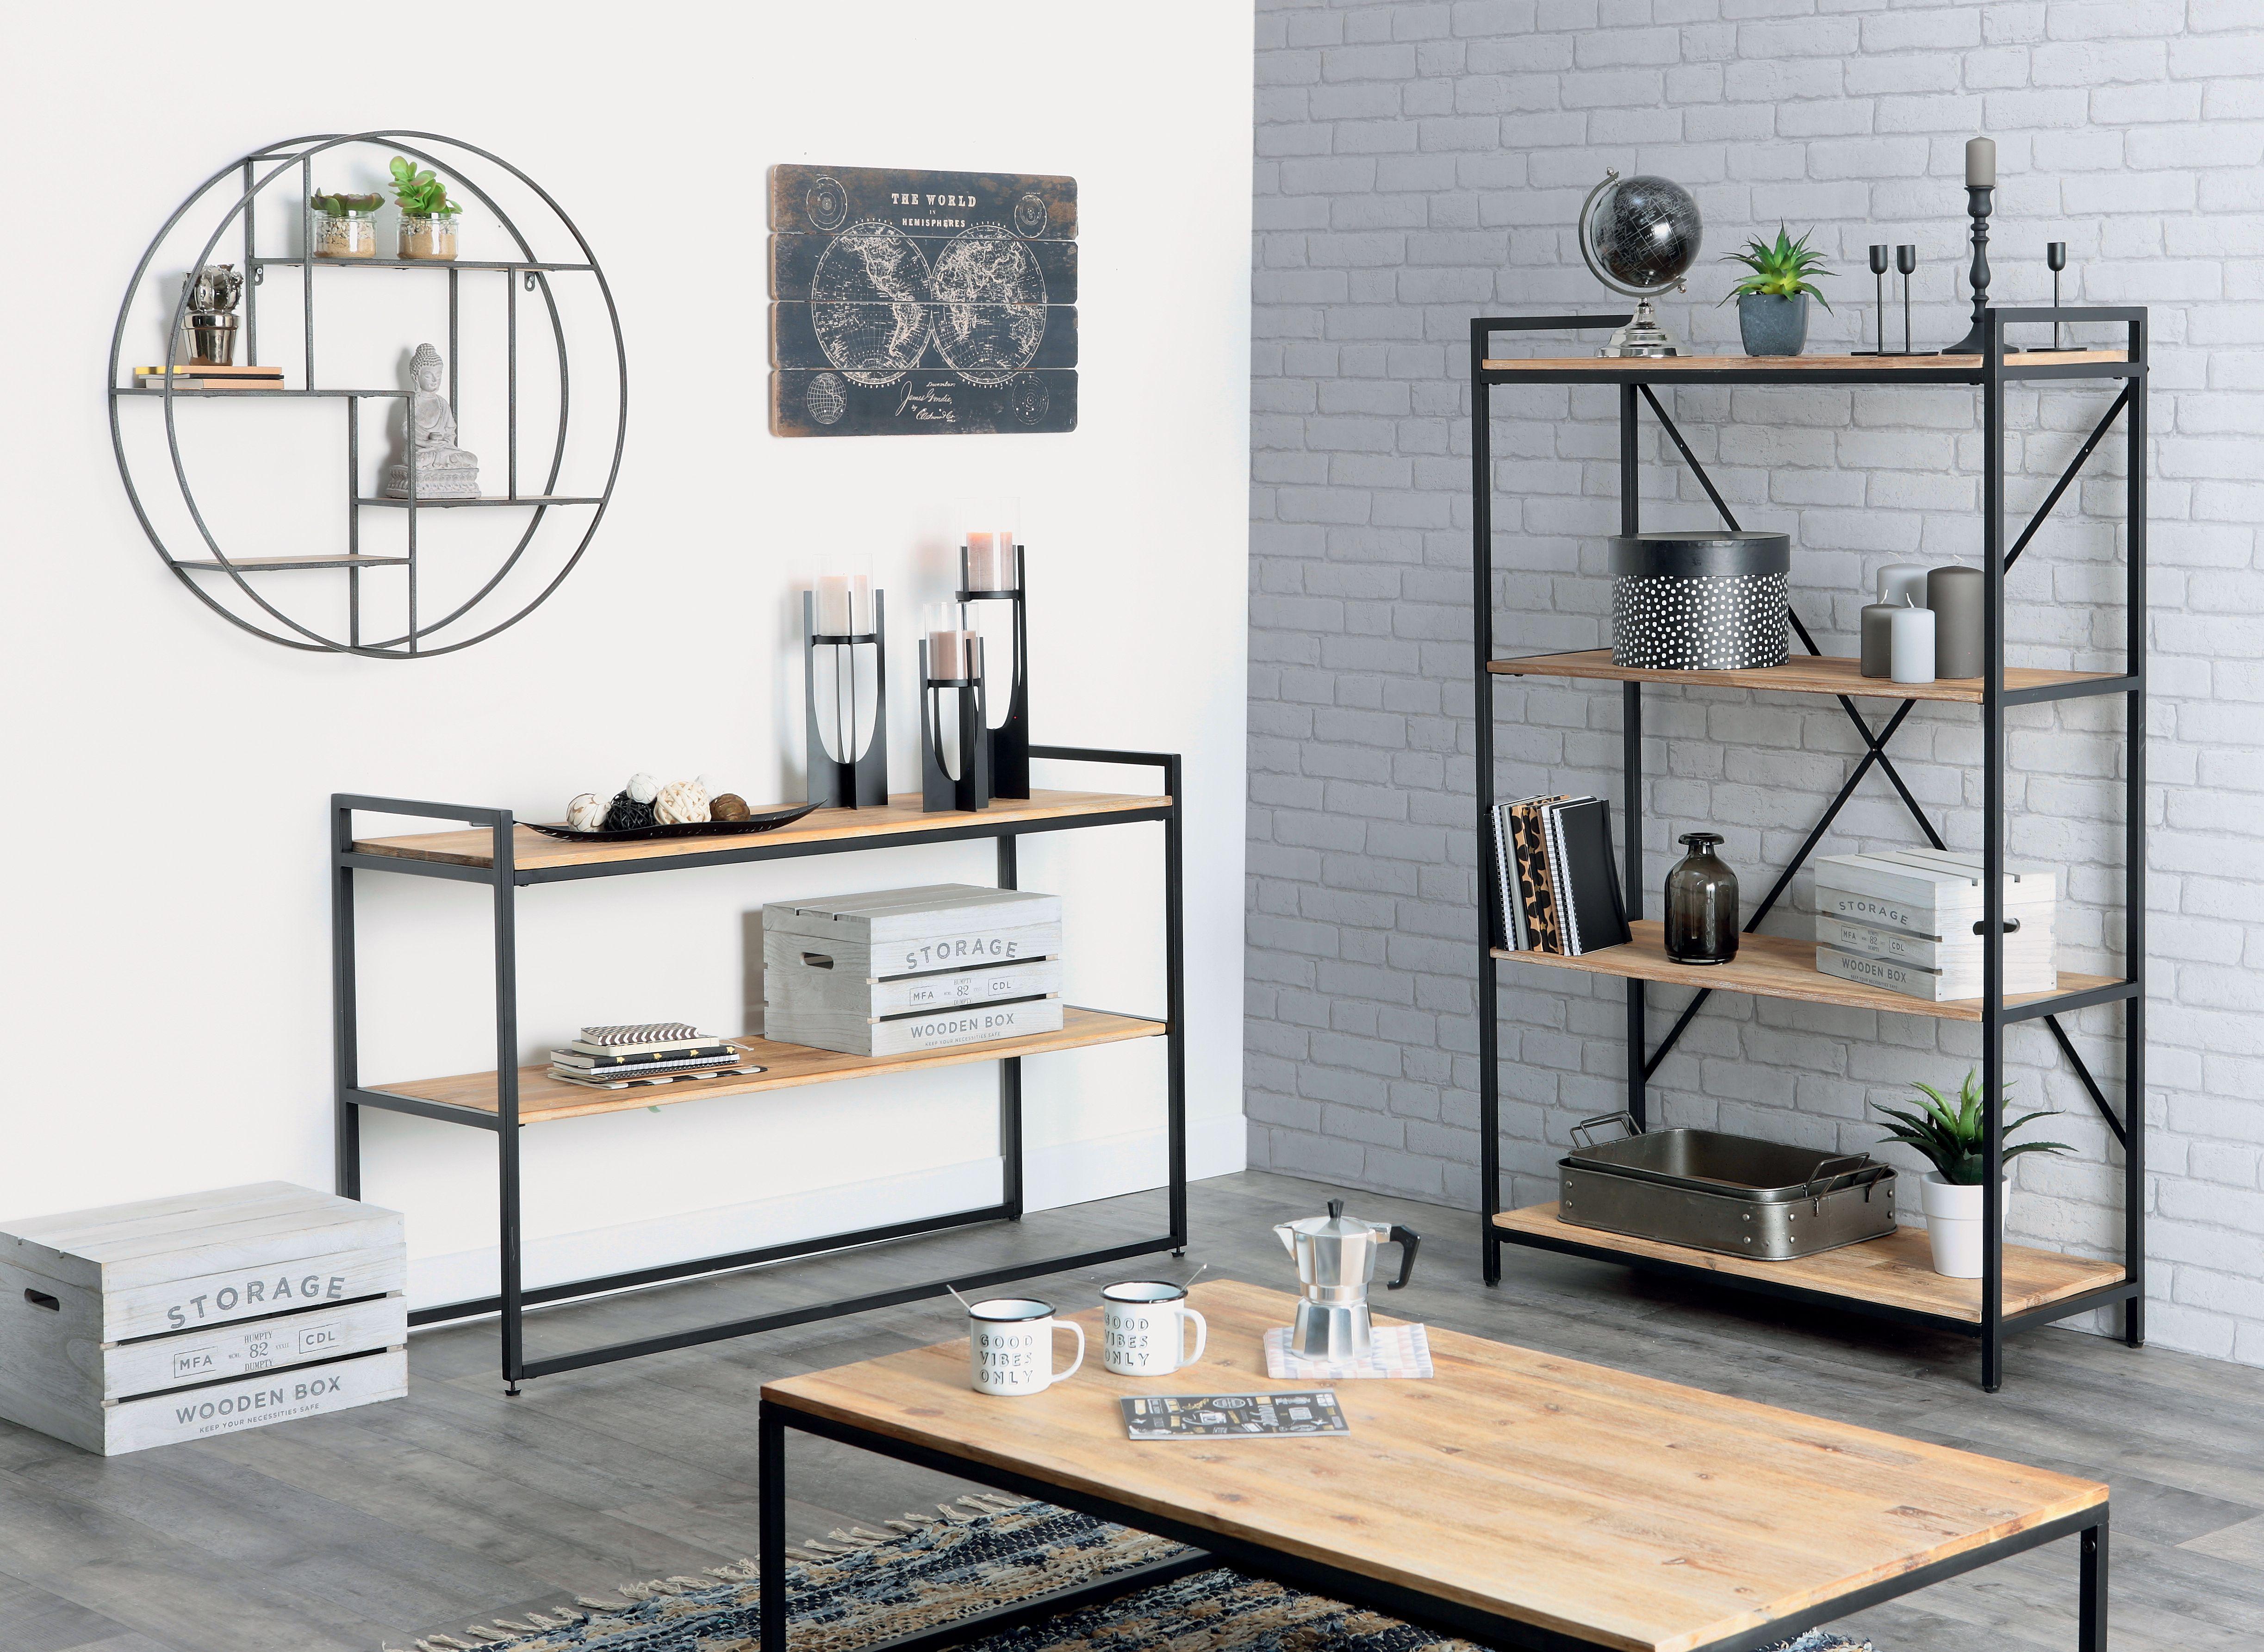 Image Deco Maison De Assia Marie Du Tableau Appart Idee Deco Industrielle Deco Salon Industriel